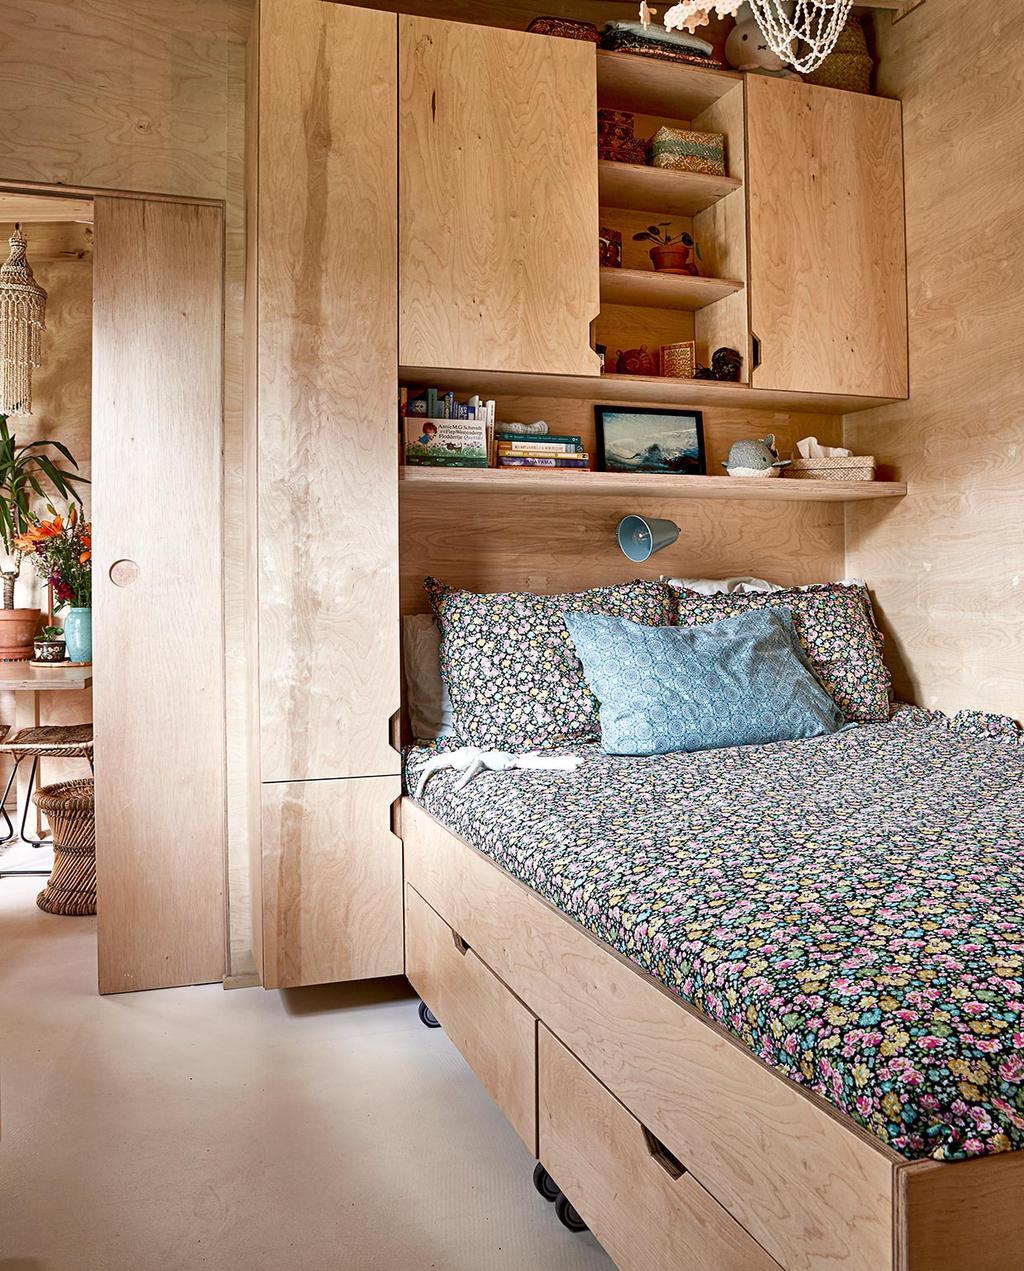 vtwonen binnenkijken special tiny houses   opberglades onder bed met extra ruimte